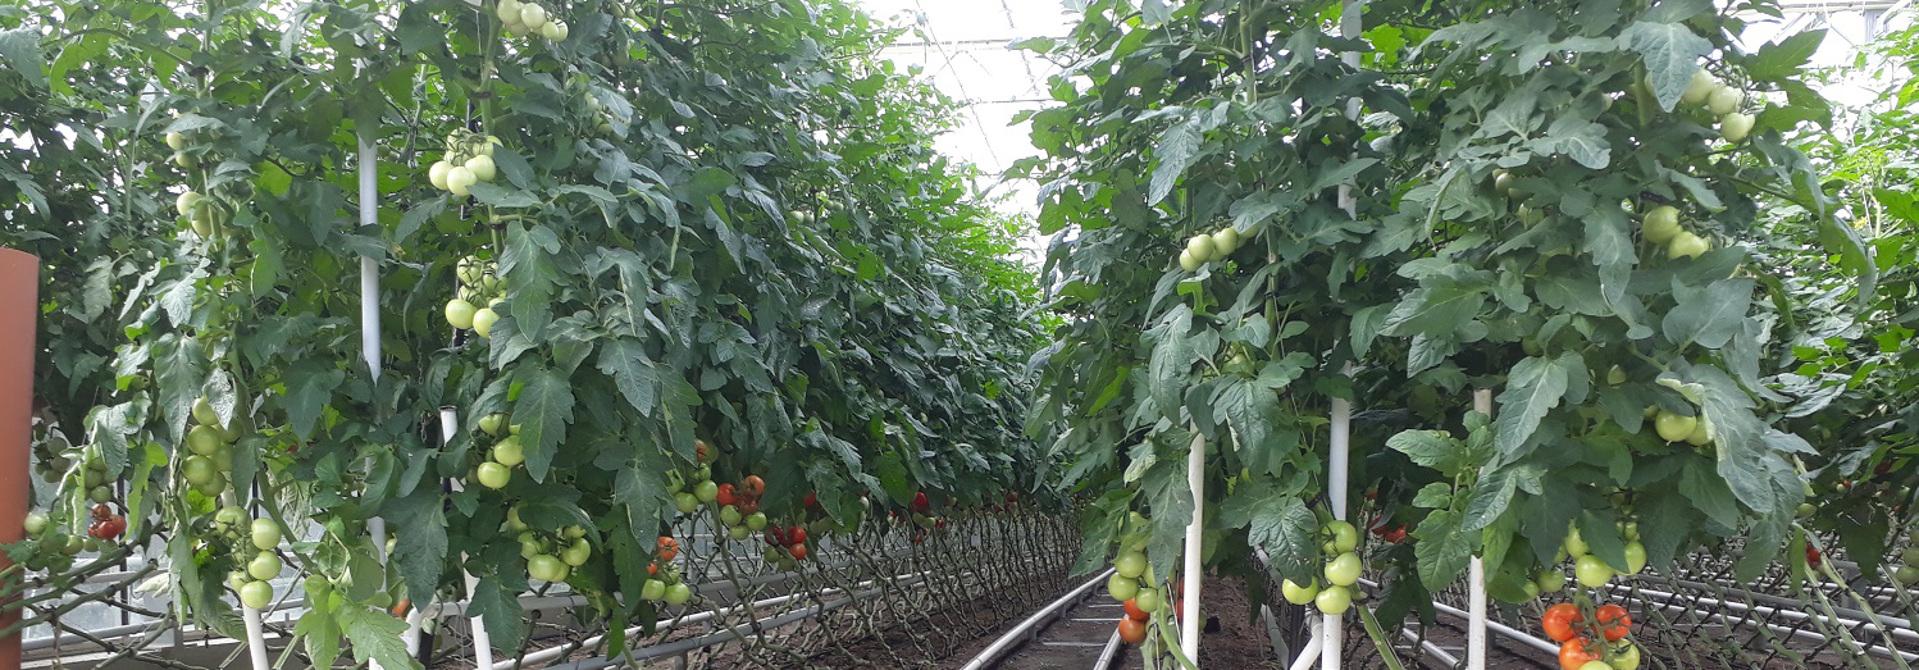 Tomaten-Anbau im Gemu00fcse-Gewu00e4chshaus>